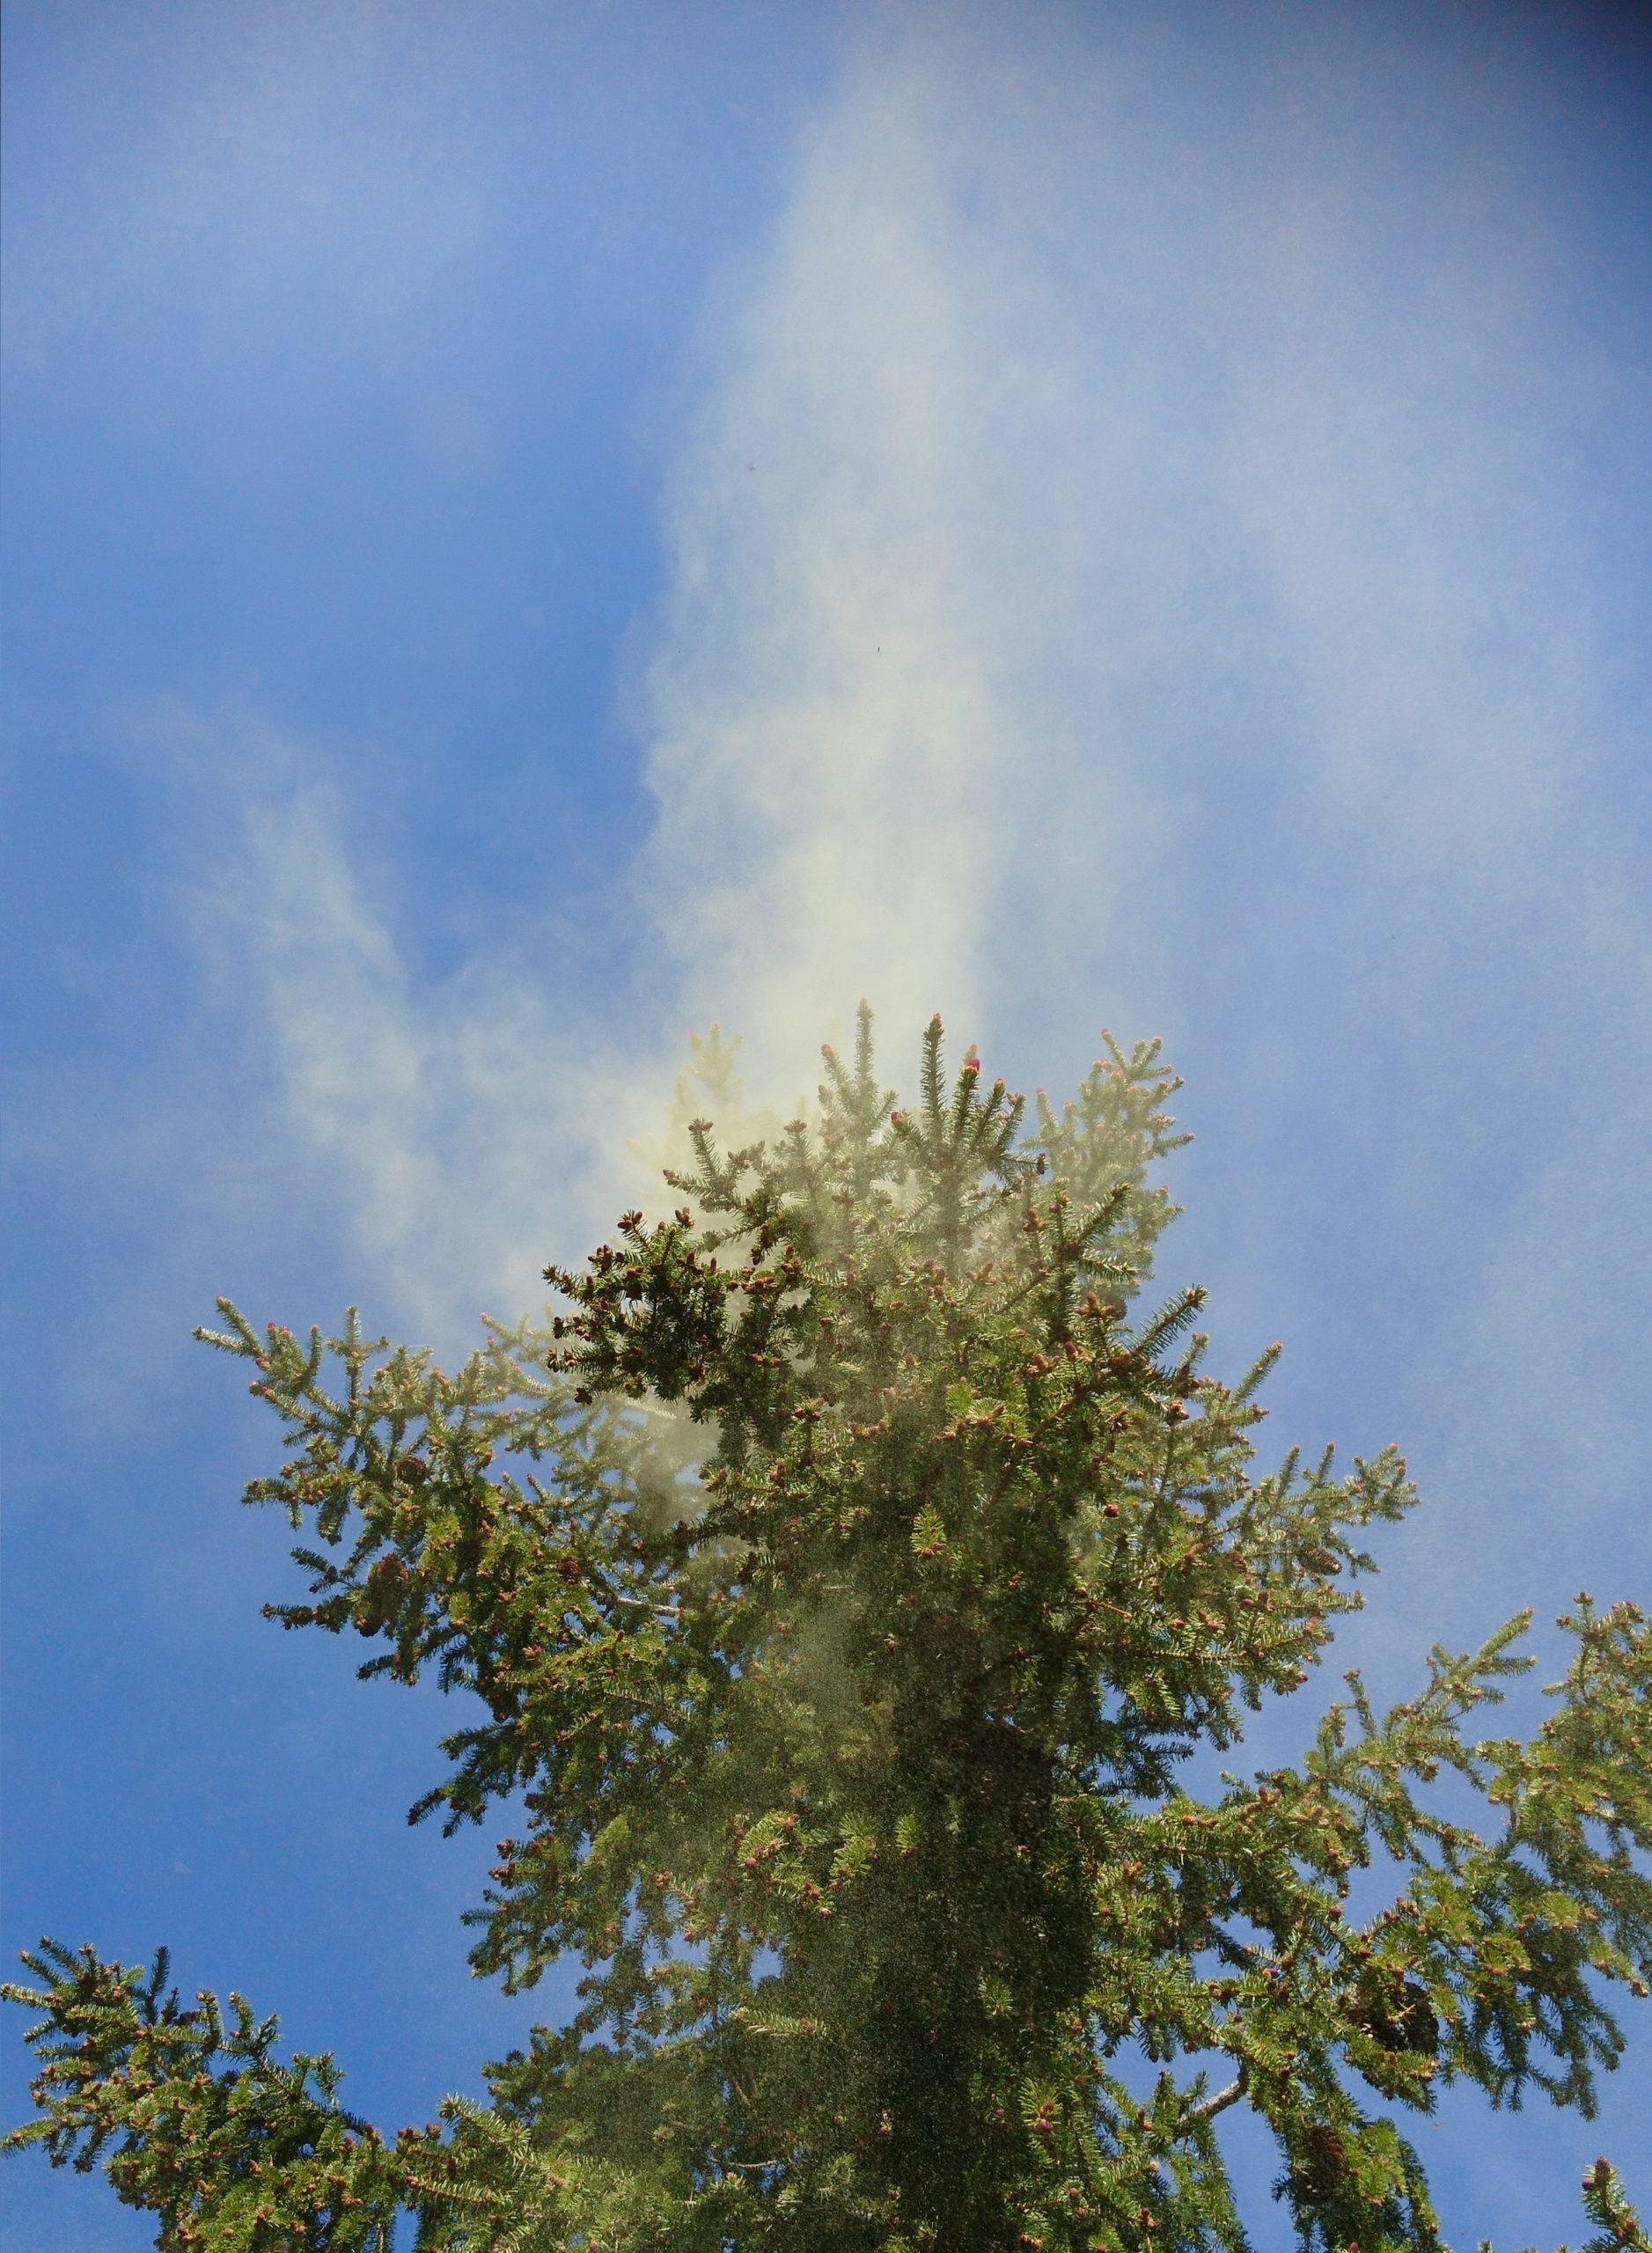 Grana er vindpollinert og når hannblomstene er modne til å sleppe pollenet vil ein kunne sjå store pollenskyer lette frå granskogen når det kjem eit vindkast. Ytst på kvistane høgare opp i treet kan ein sjå dei raude hoblomstene. Foto: Arjan Besemer, Skogfrøverekt